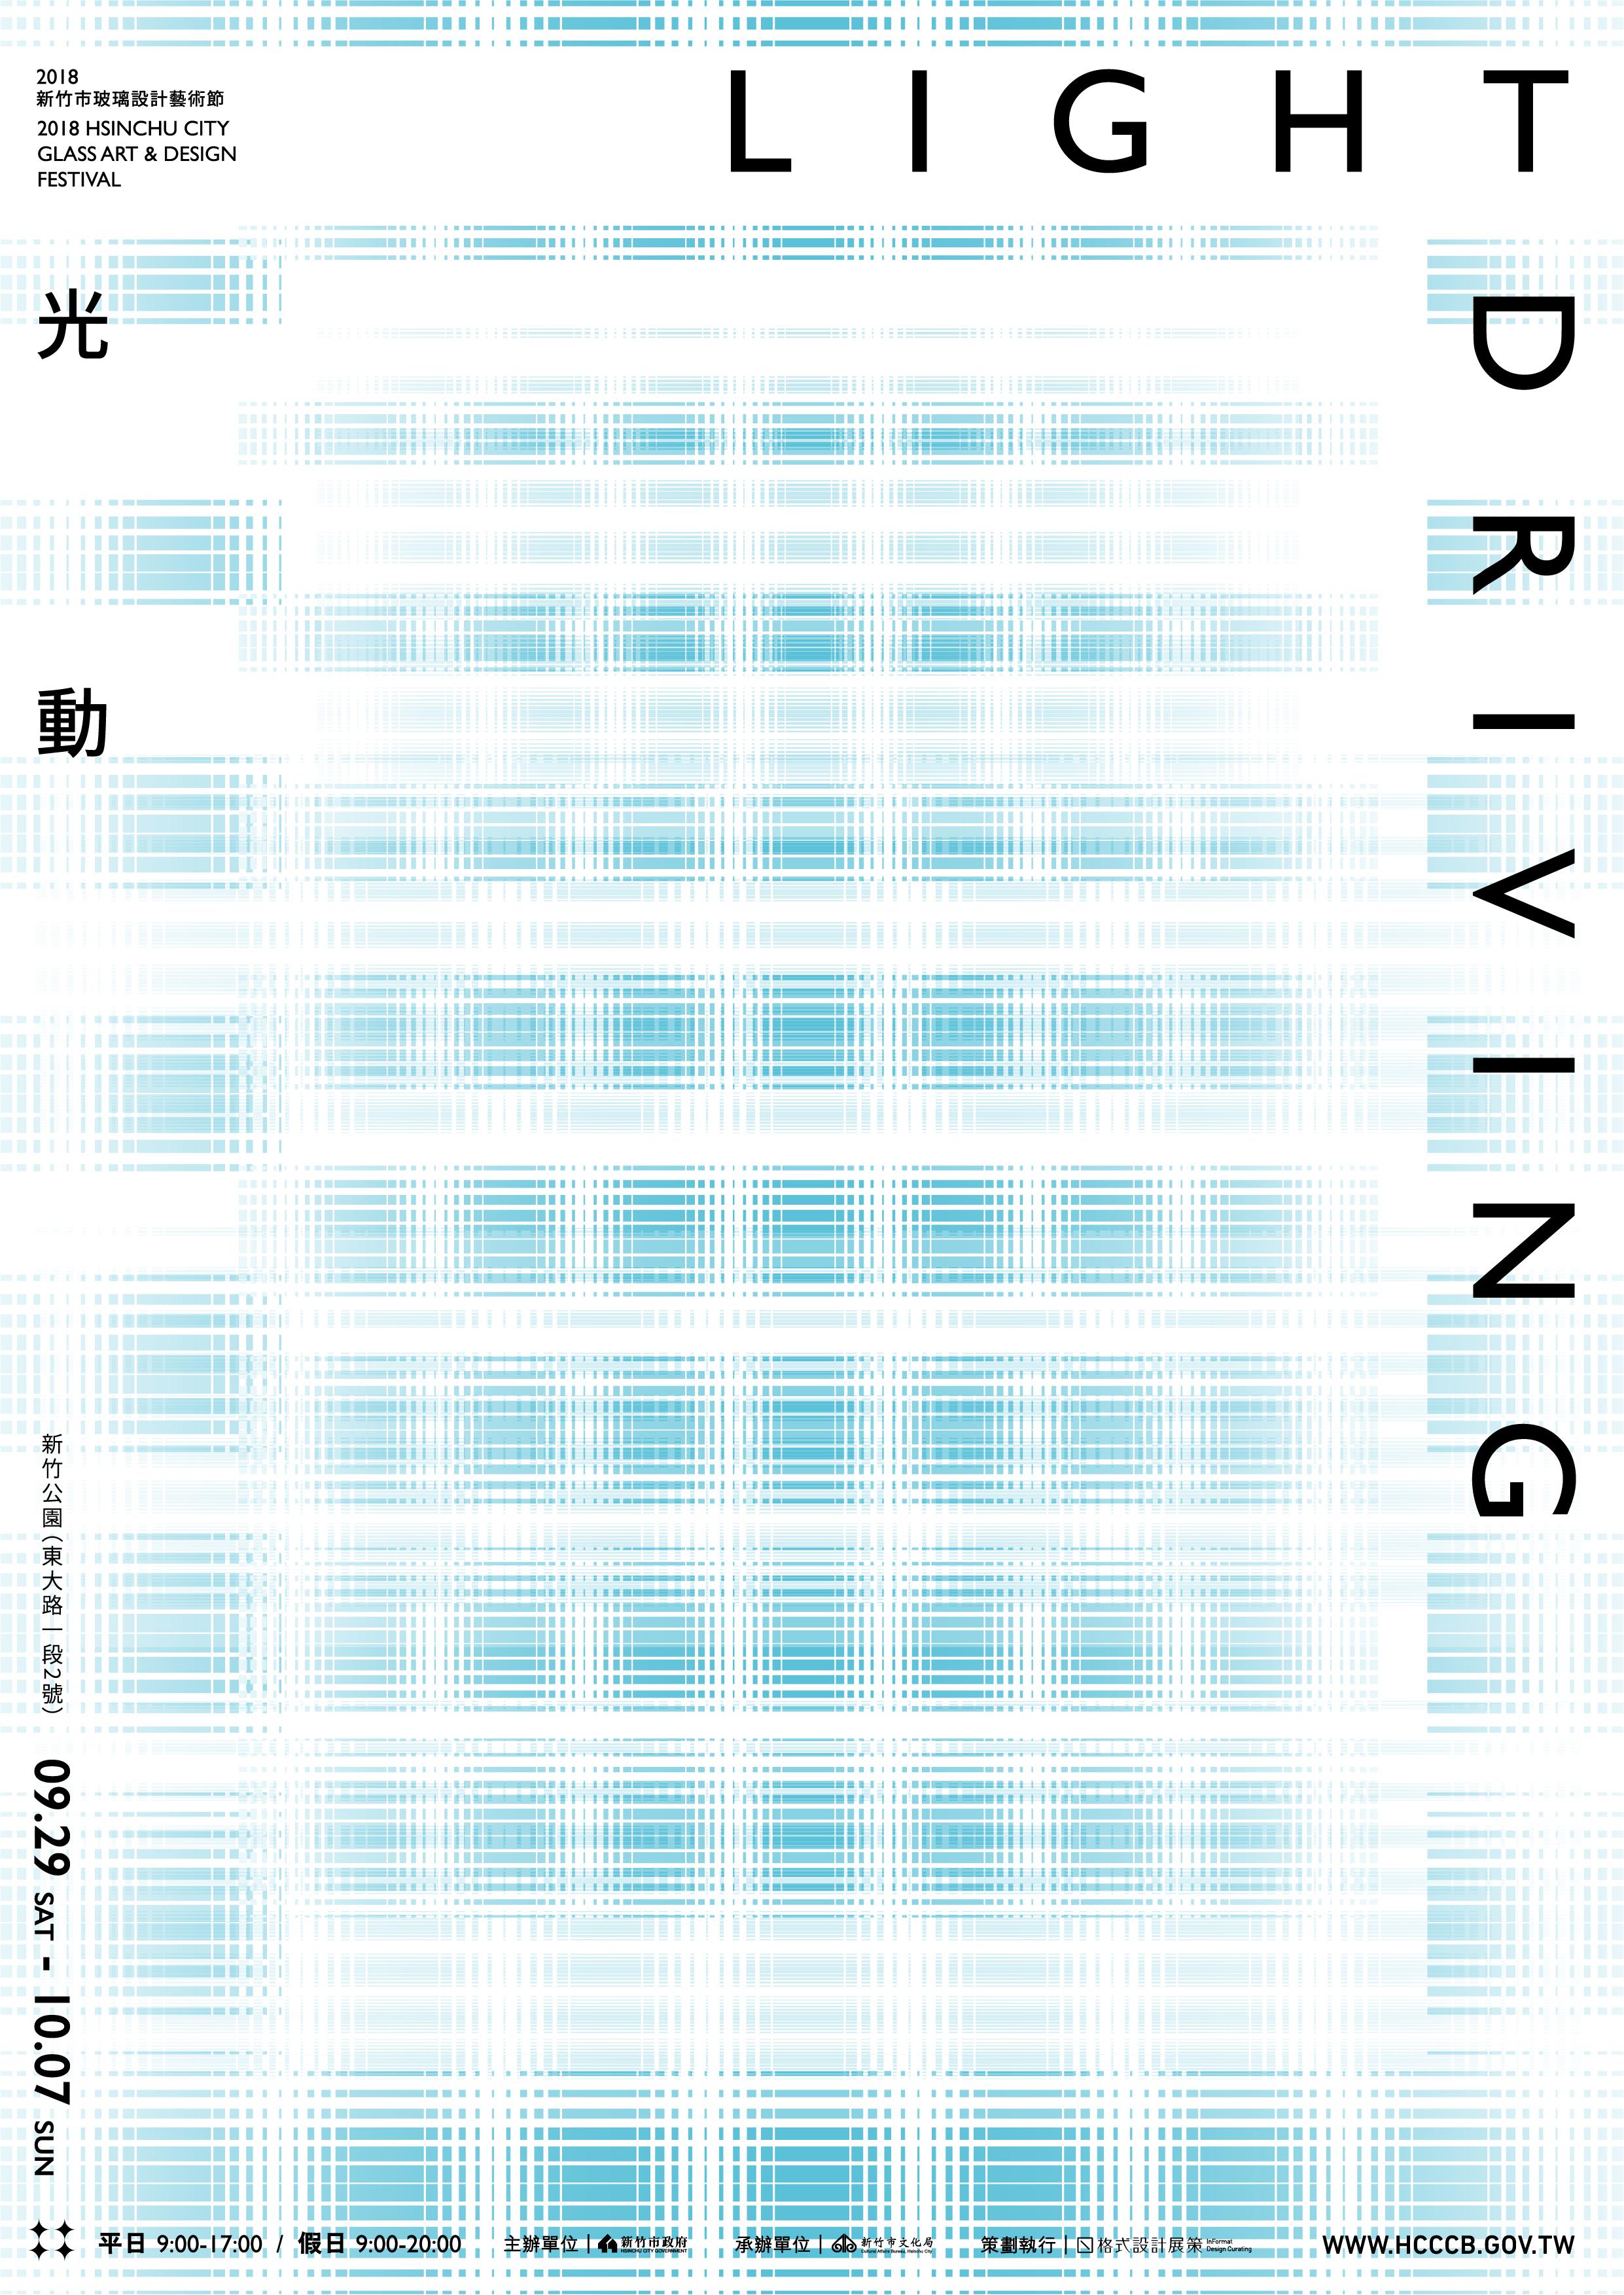 光動主視覺 發文系列-02.jpg